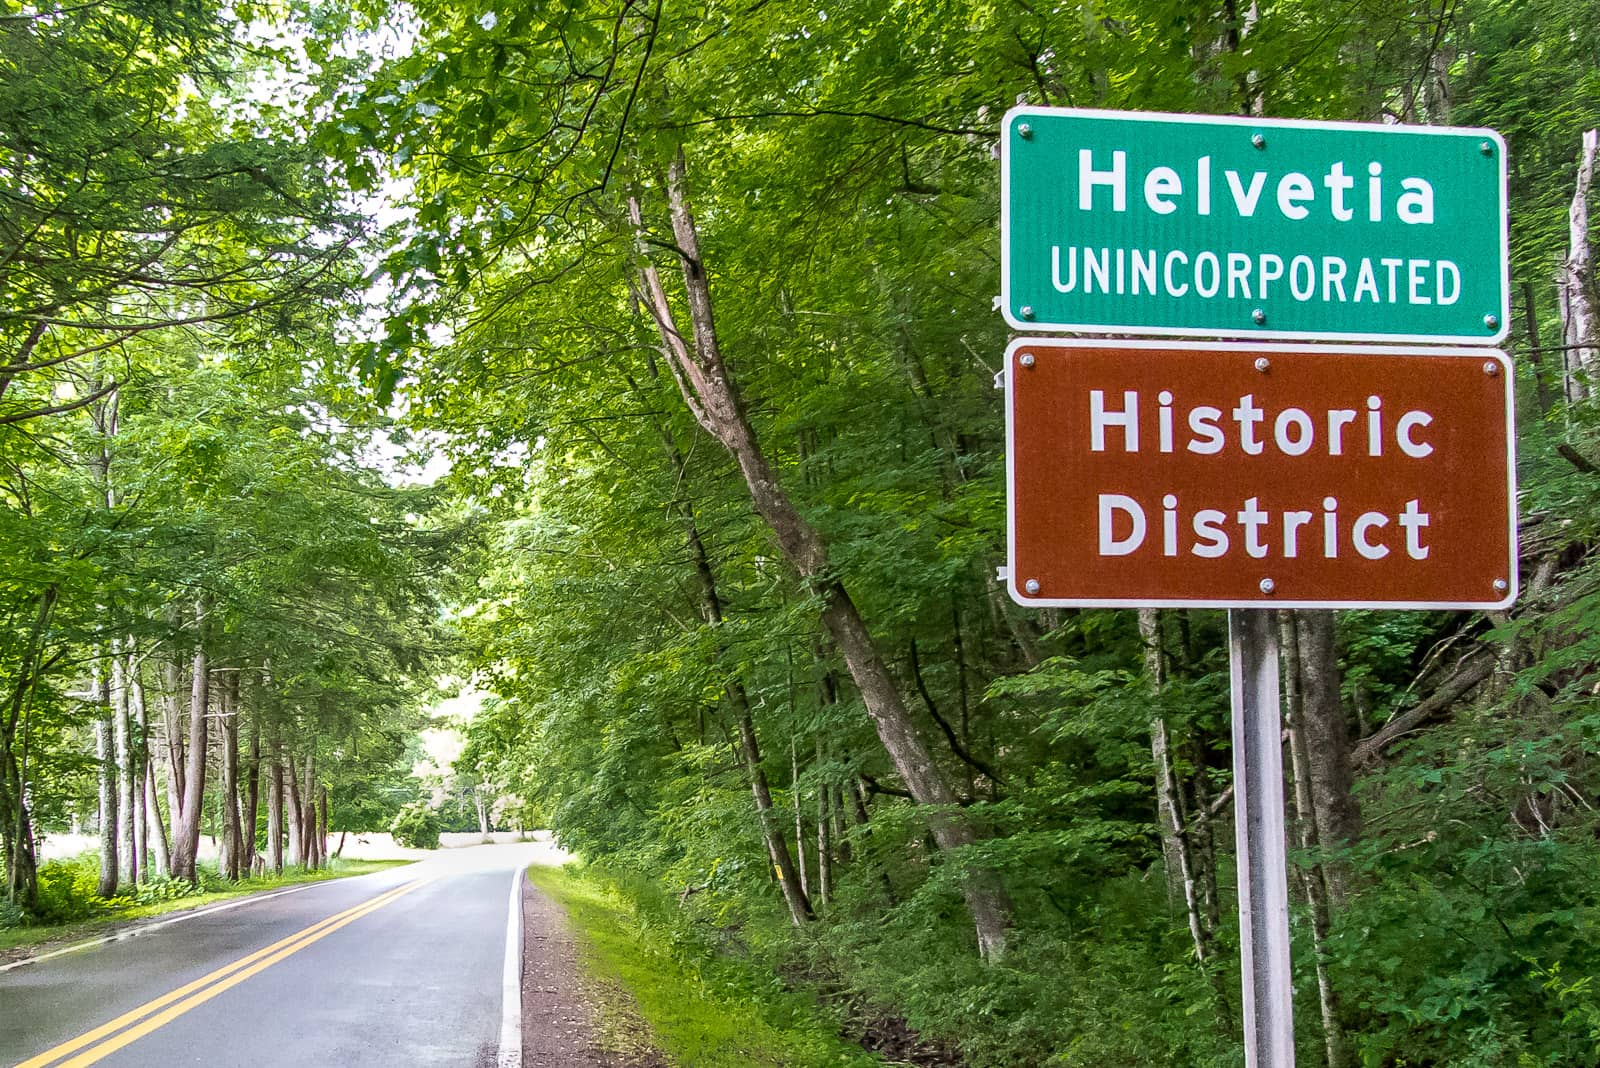 Mitten im Nirgendwo von West Virginia: Willkommen in Helvetia